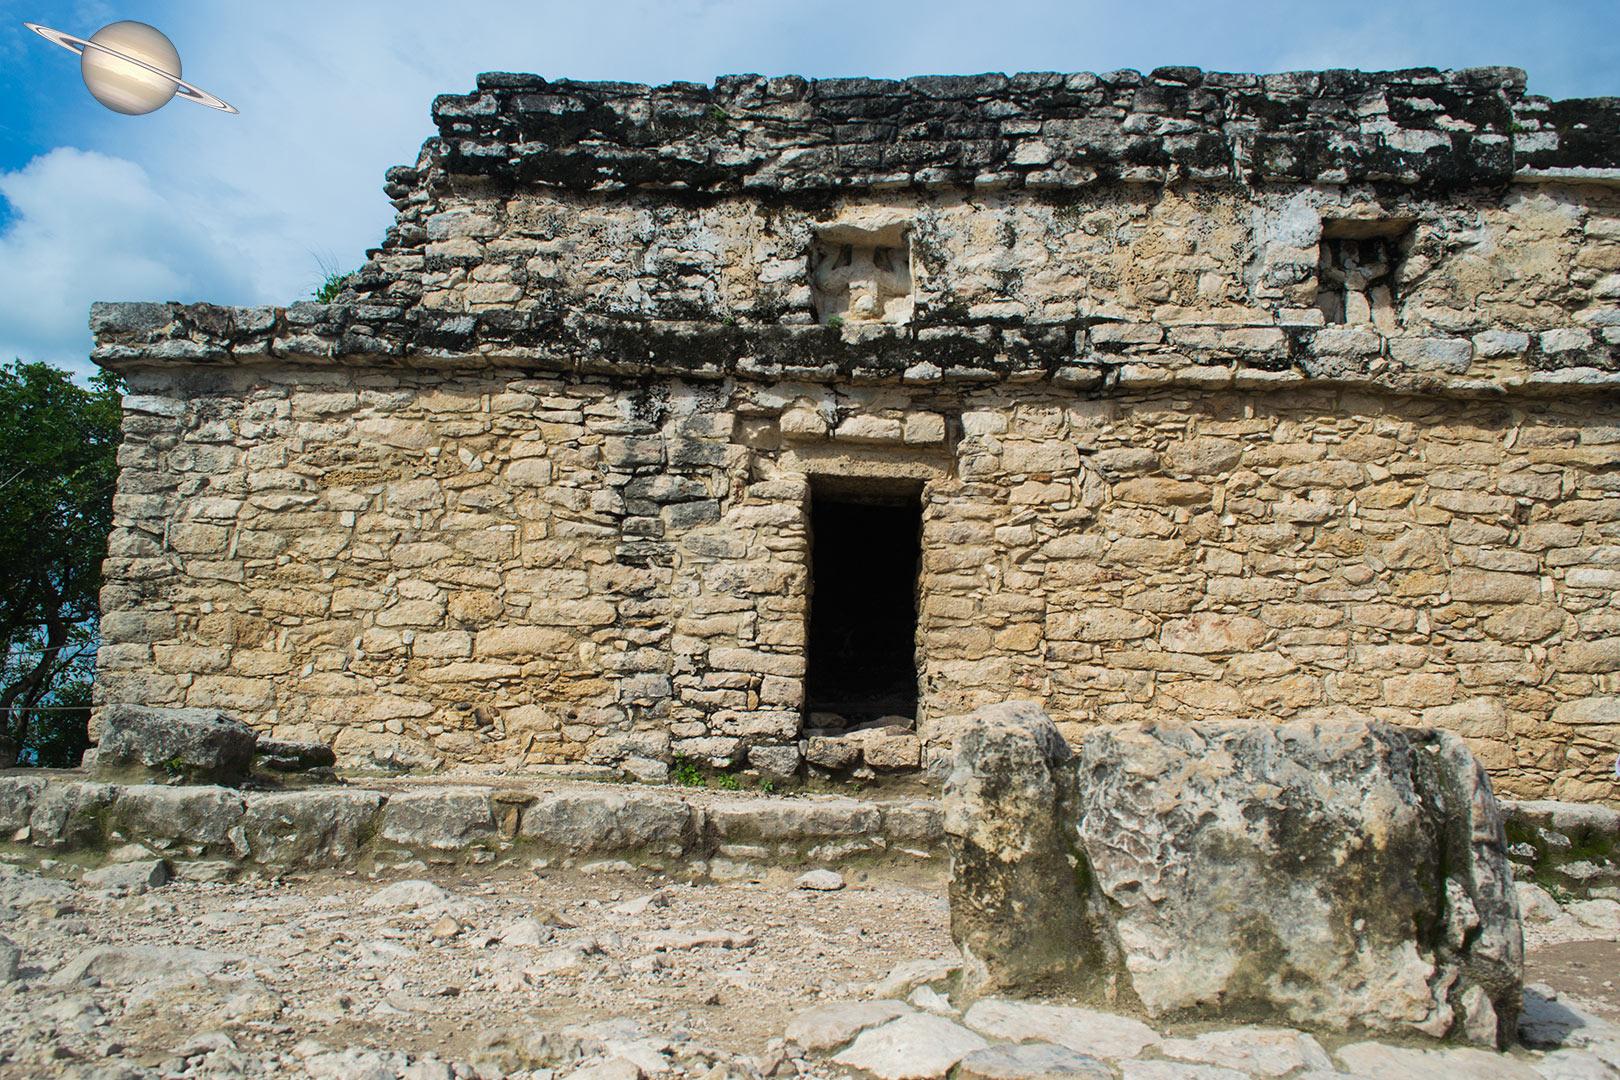 coba yucatan mexico 4 - Suba uma Pirâmide em Coba, Antiga Cidade Maia, México